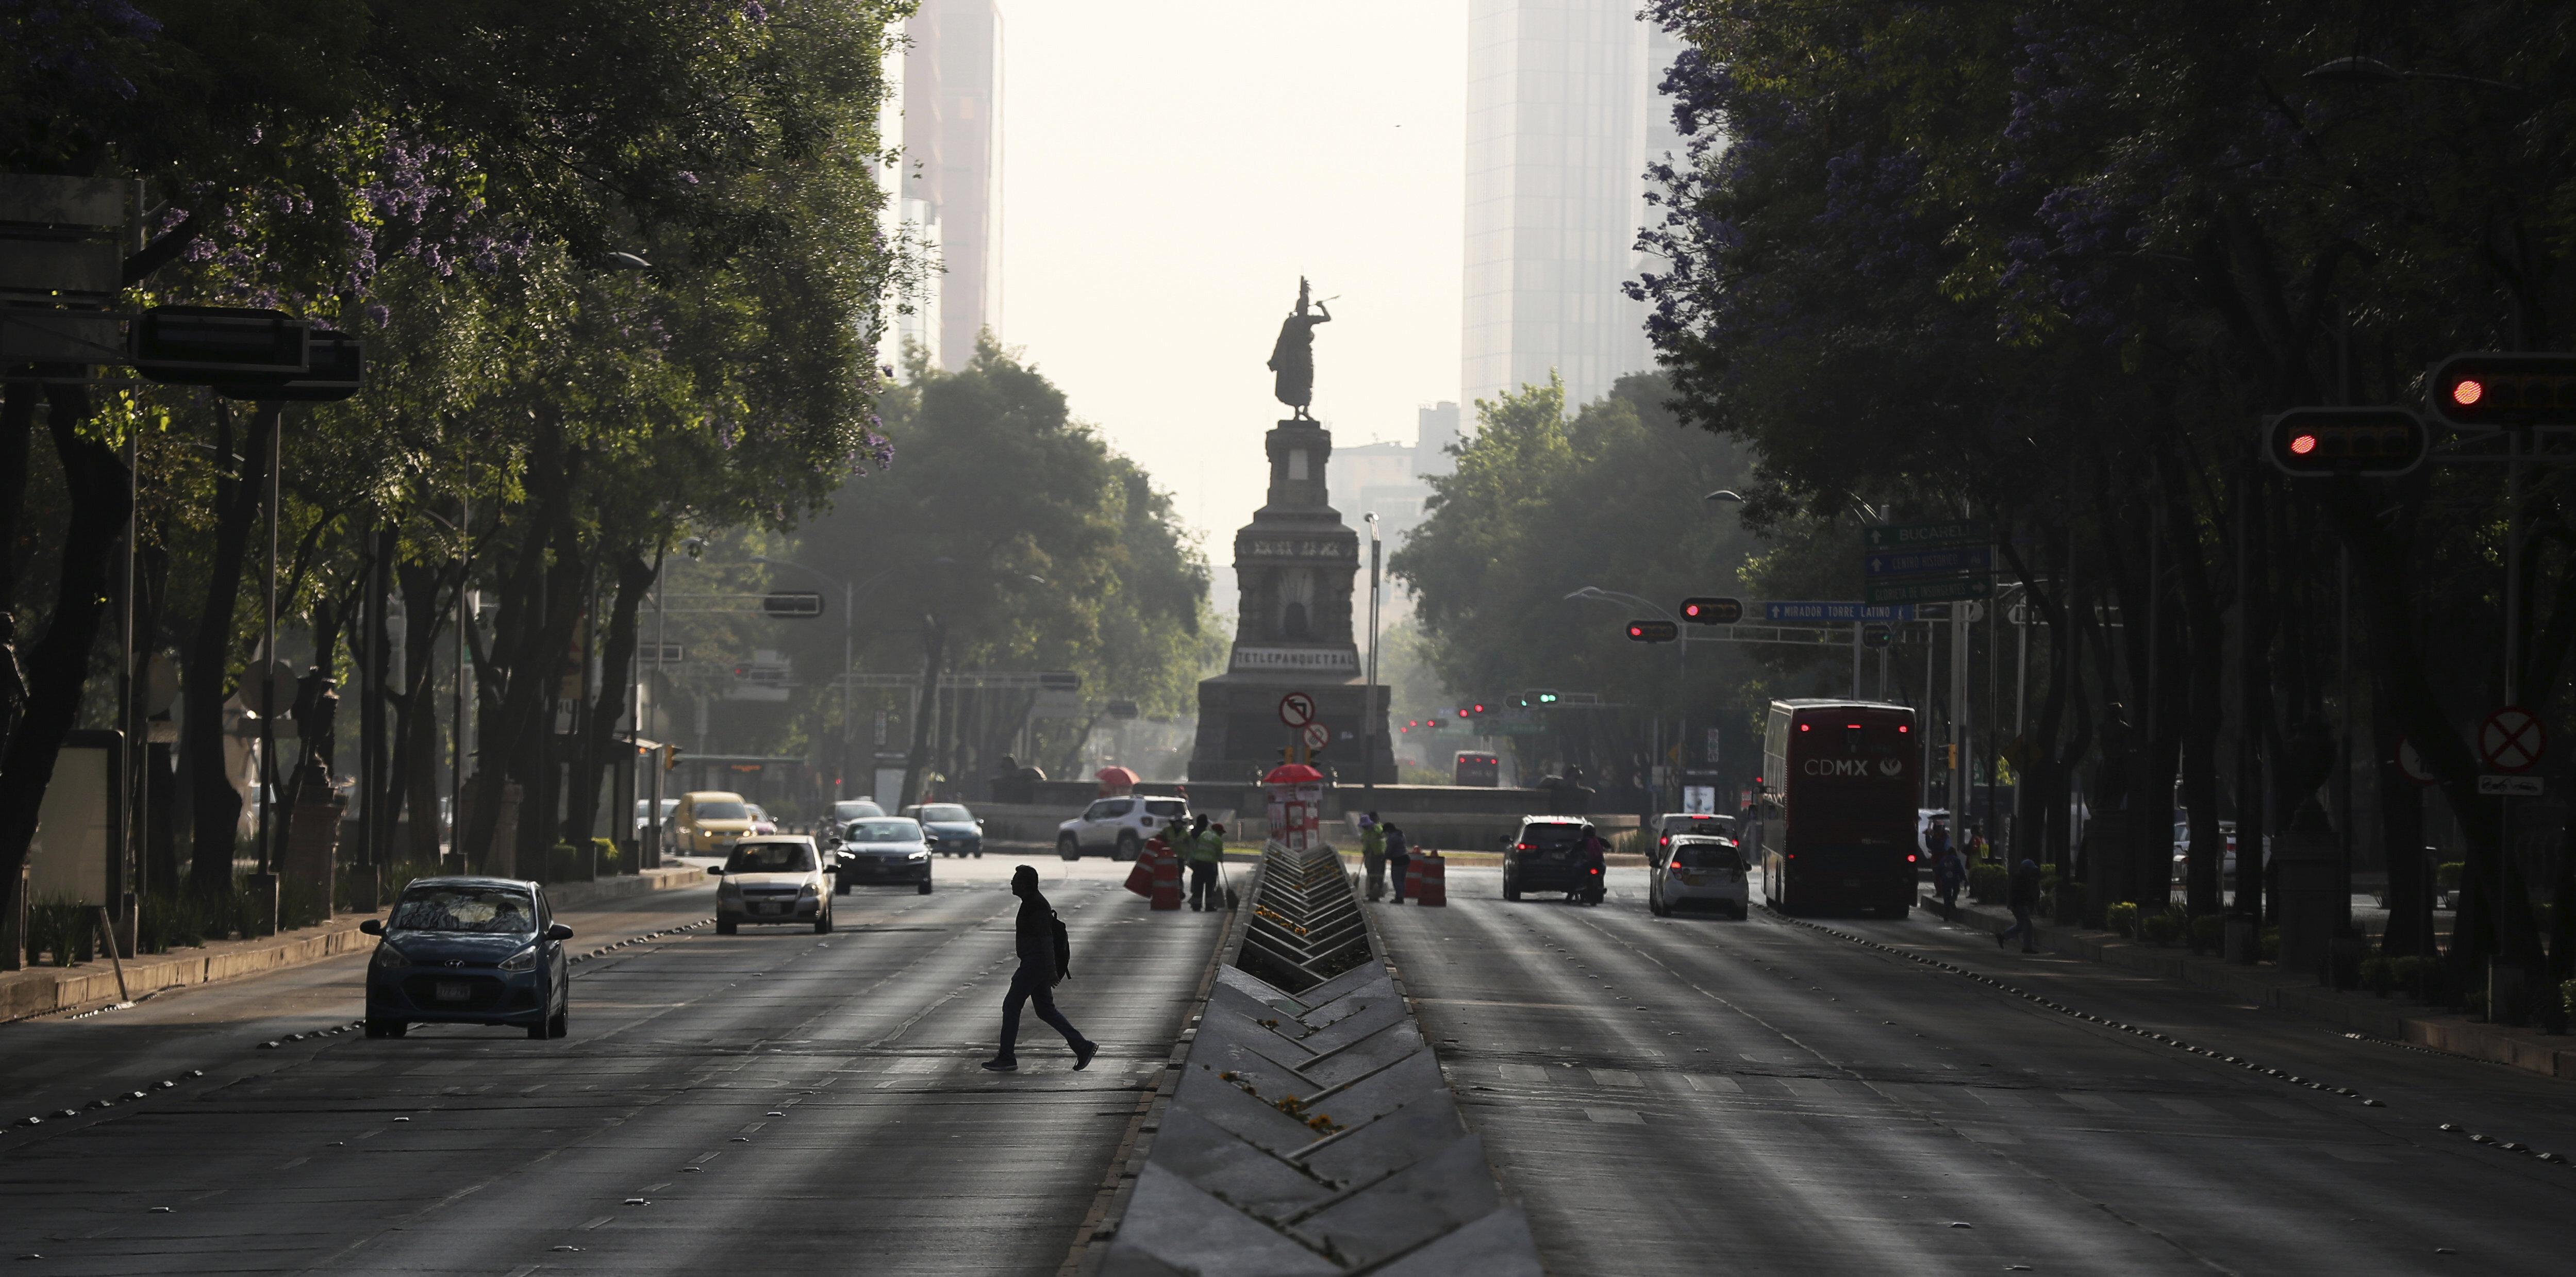 La pandemia ha causado que la Ciudad de México se encuentre mayormente en cuarentena para evitar crear focos de infección del COVID-19 (AP Photo/Fernando Llano)